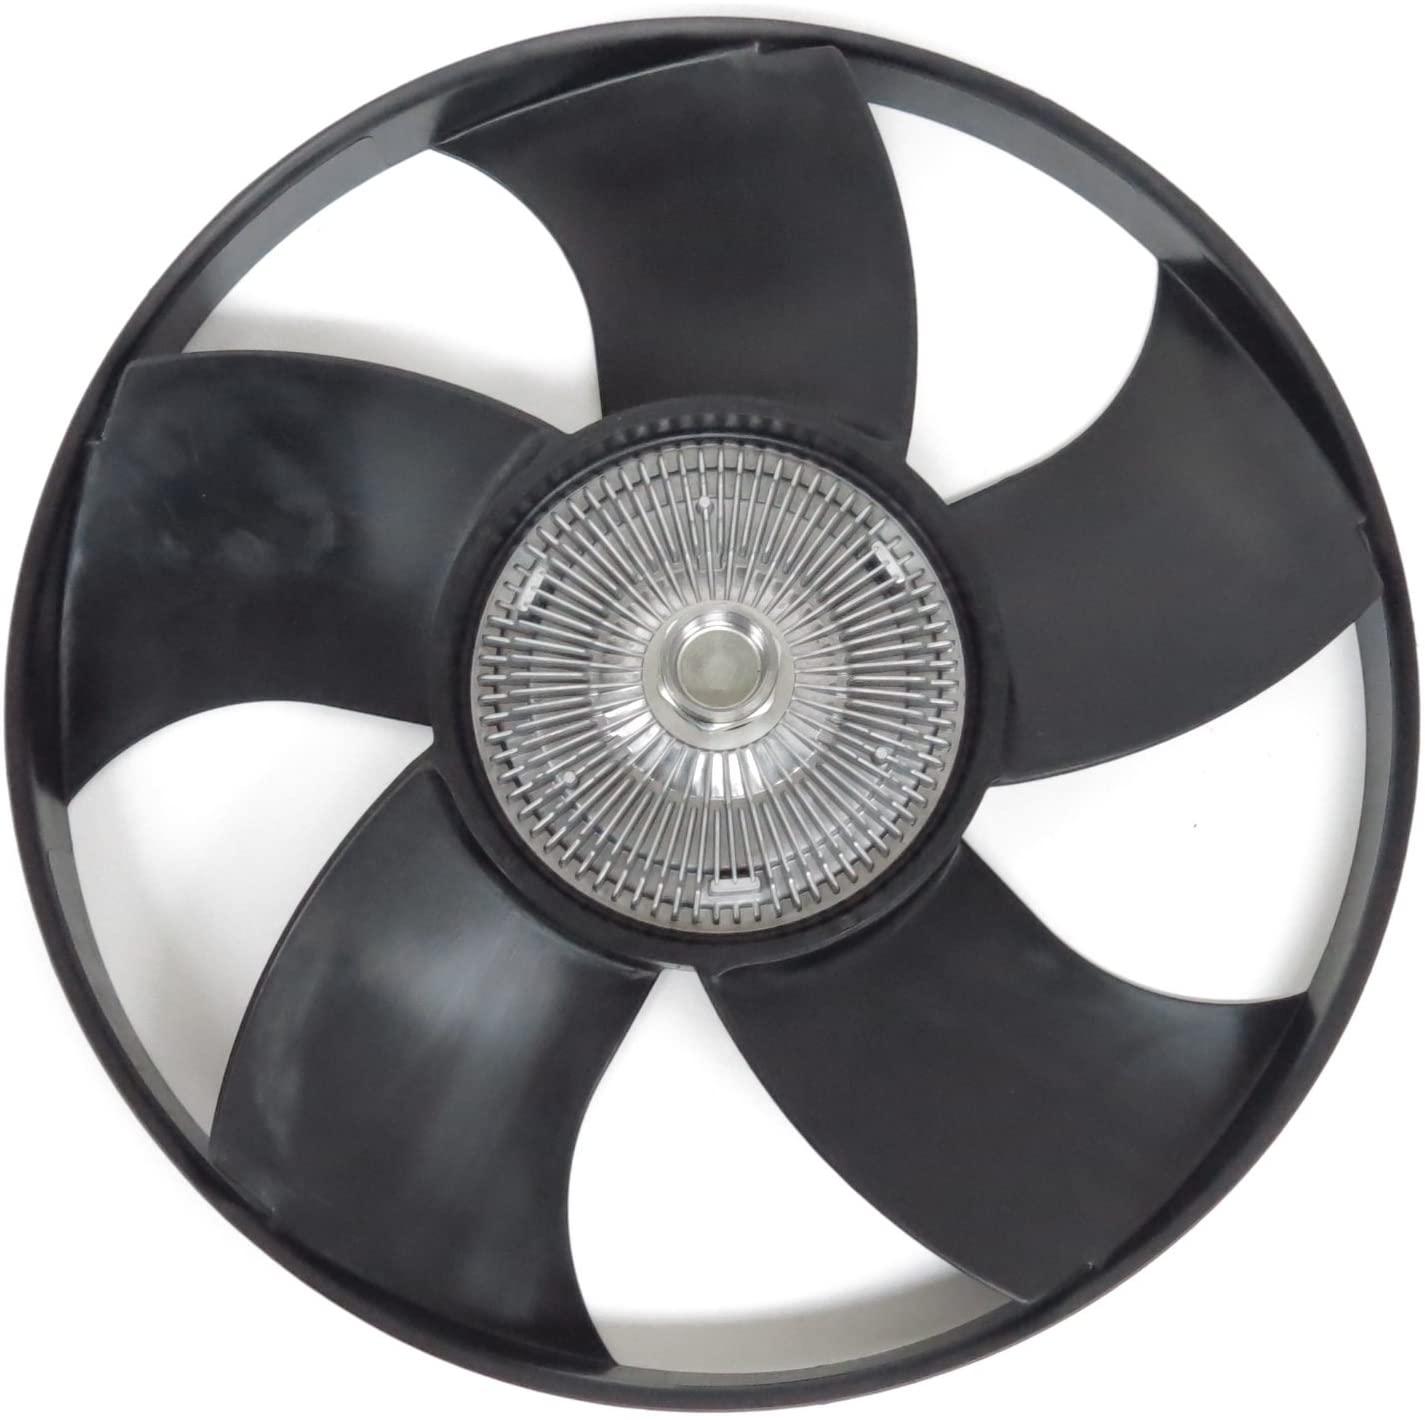 US Motor Works 22333 Thermal Fan and Fan Clutch (2007-2009 Dodge Sprinter 3.0L Diesel)